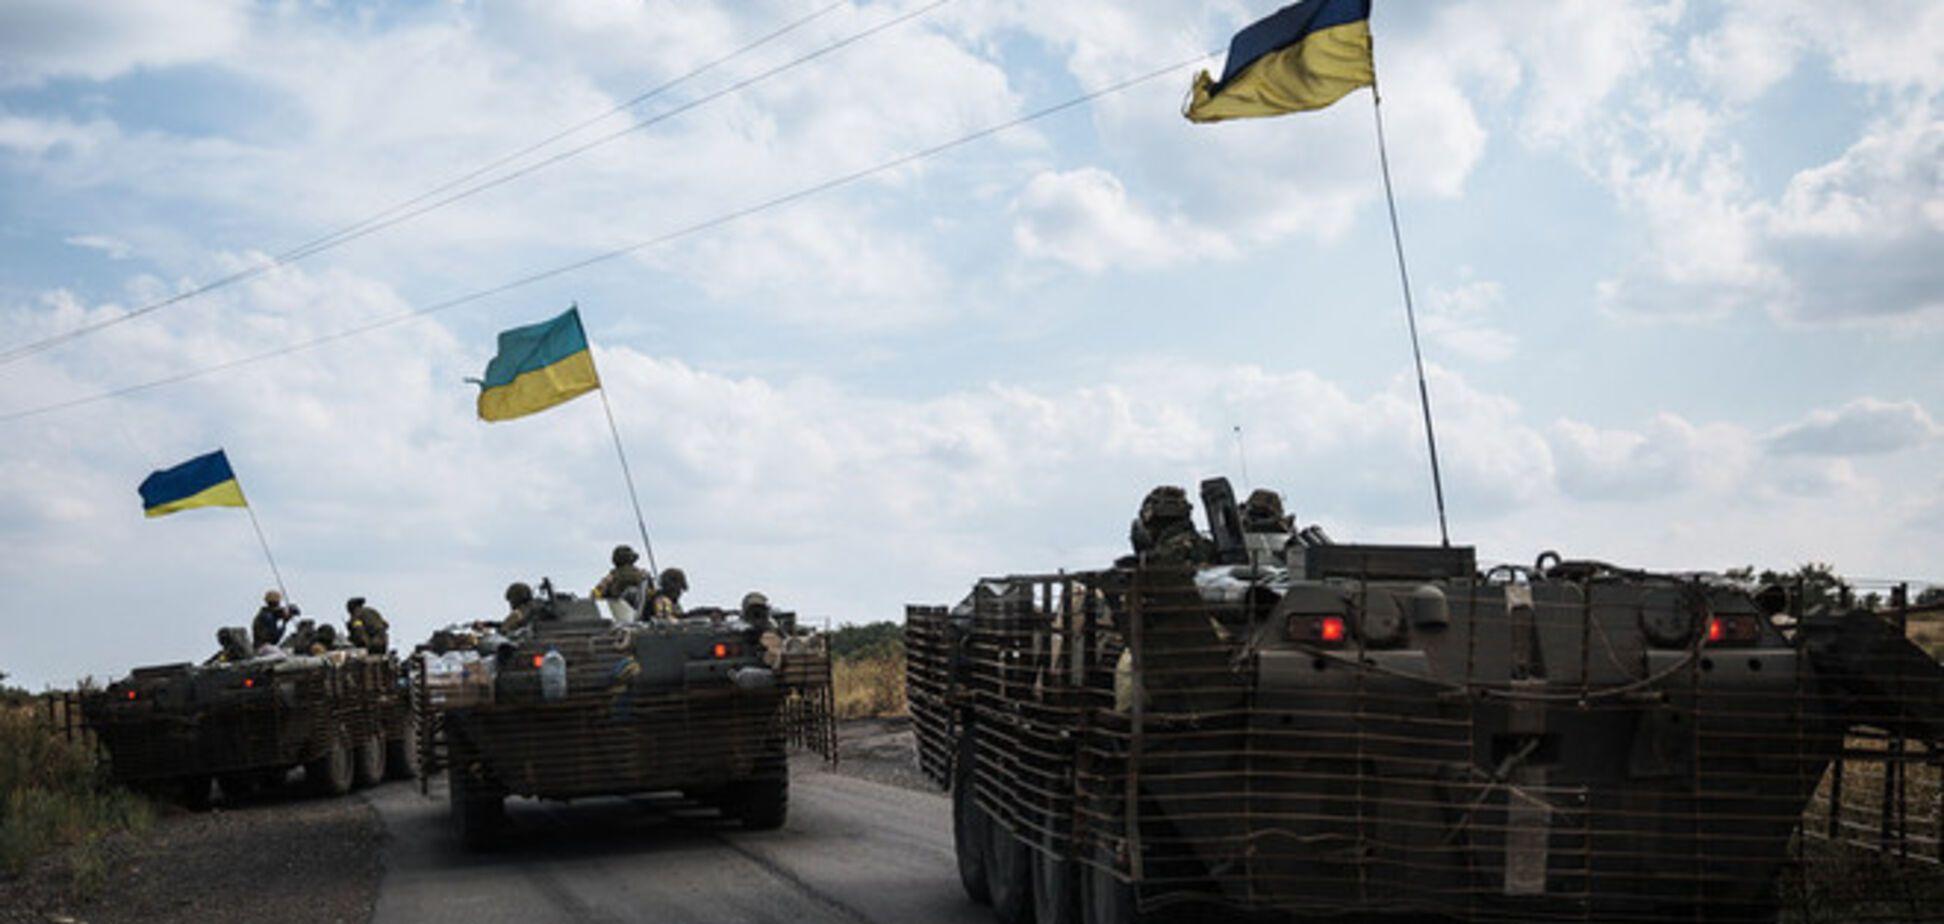 Украинская армия воюет и за свободу России. Победы ей!